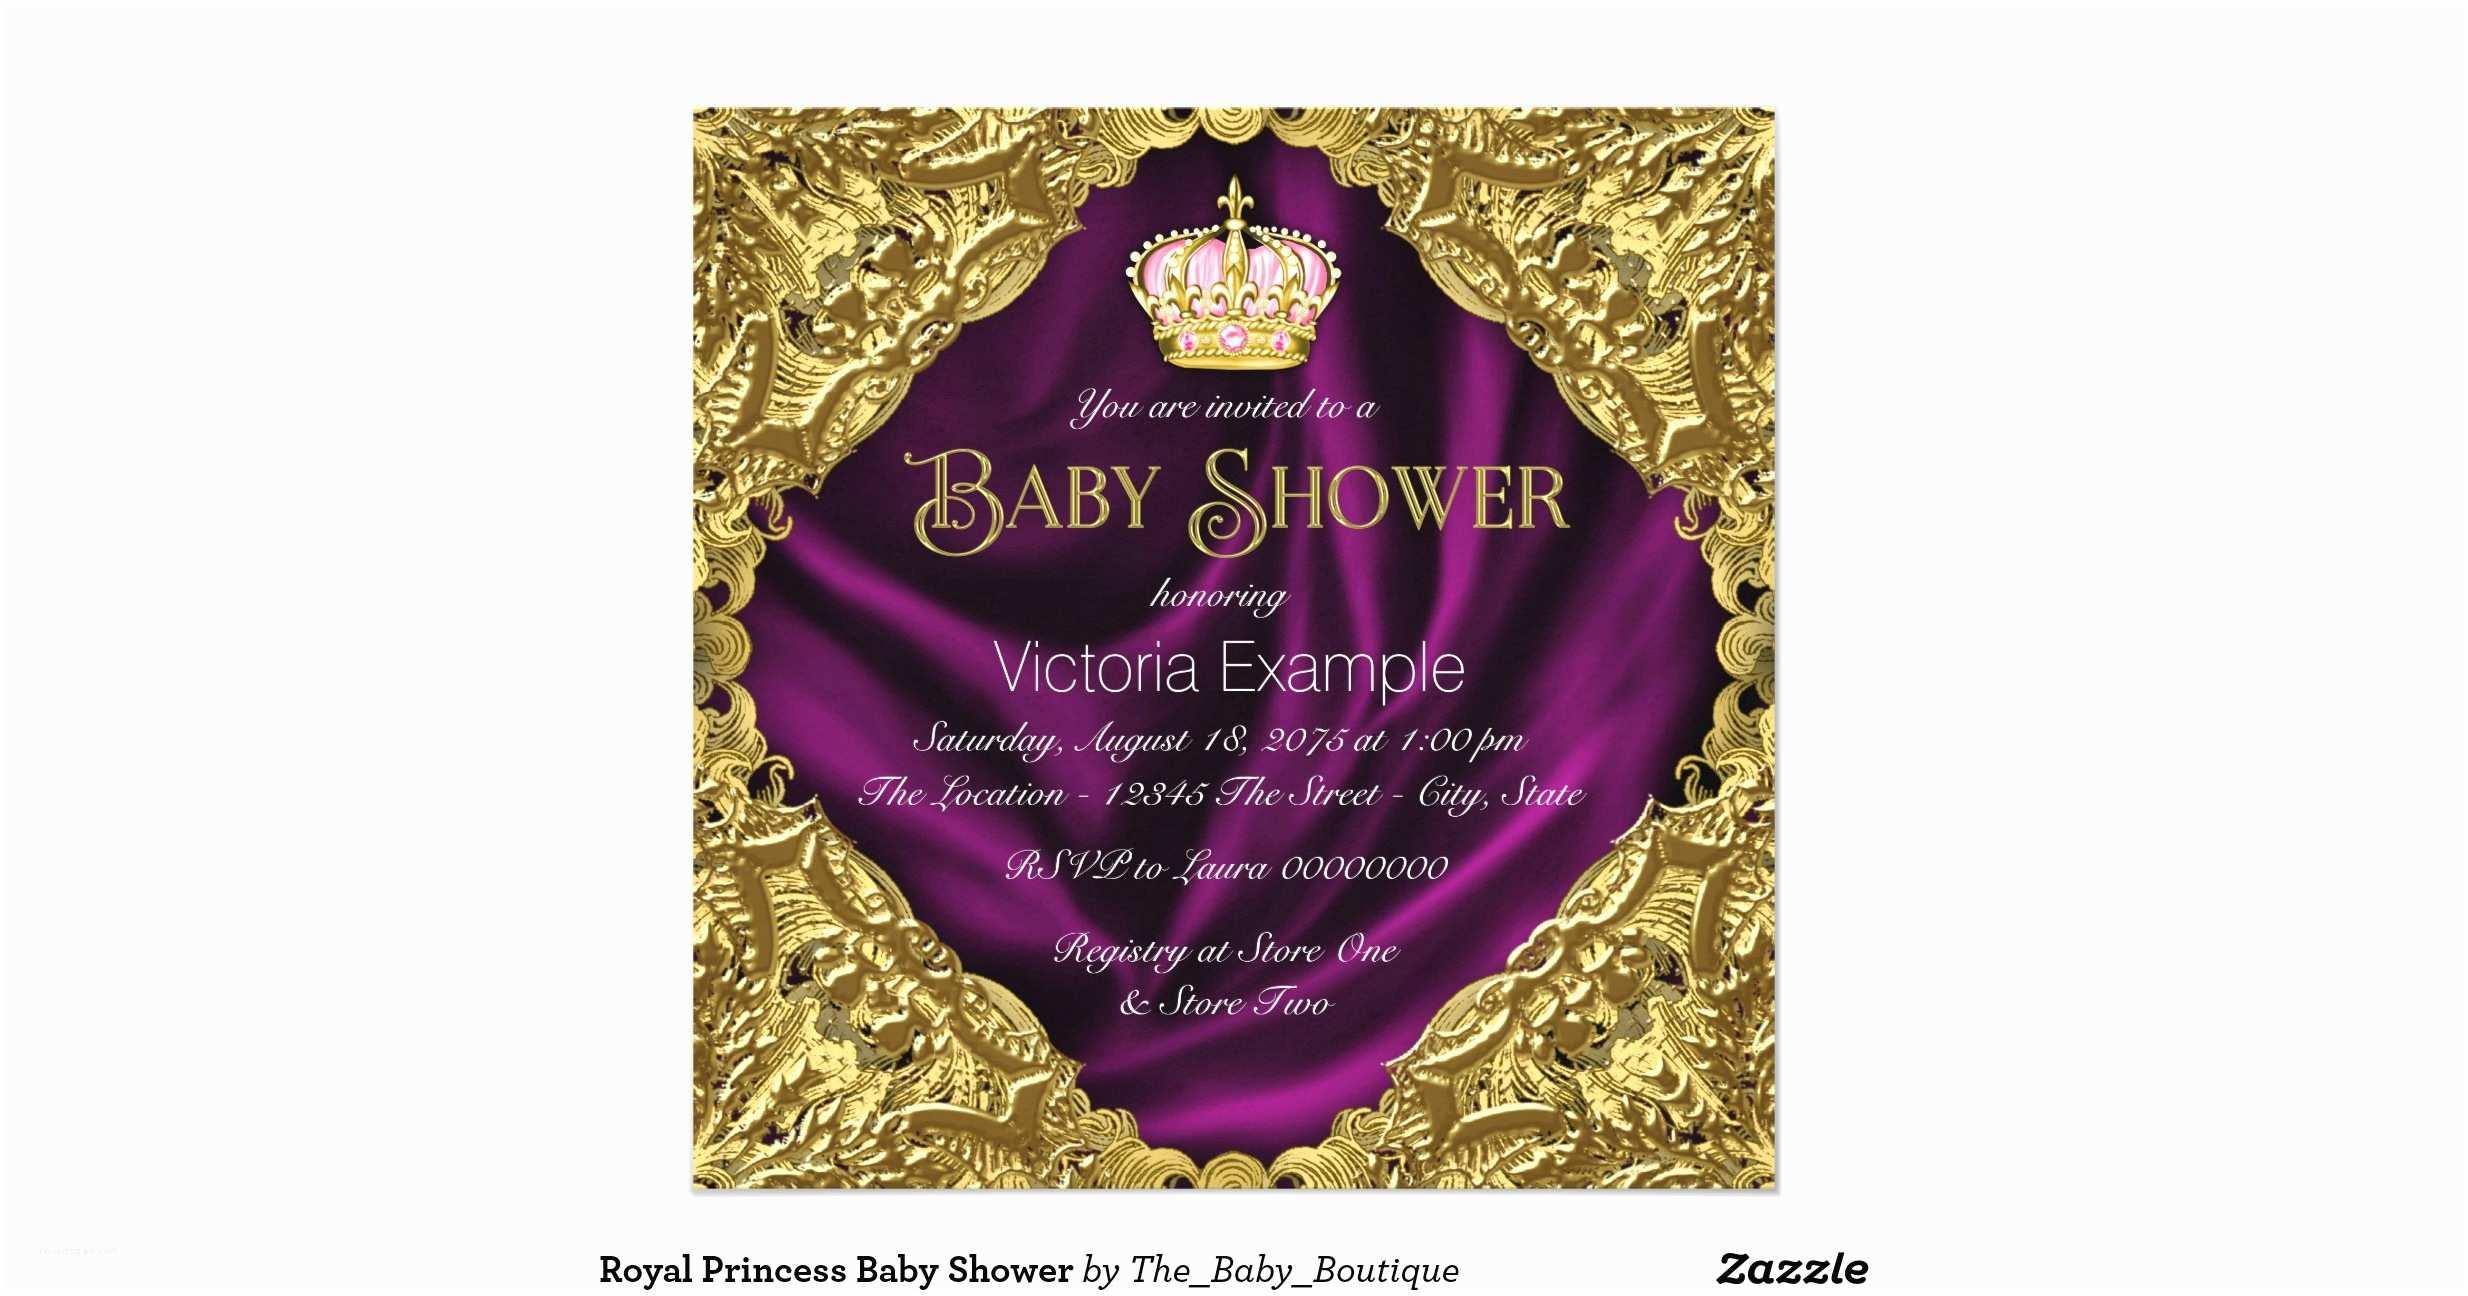 Royal Princess Baby Shower Invitations Royal Princess Baby Shower Invitation